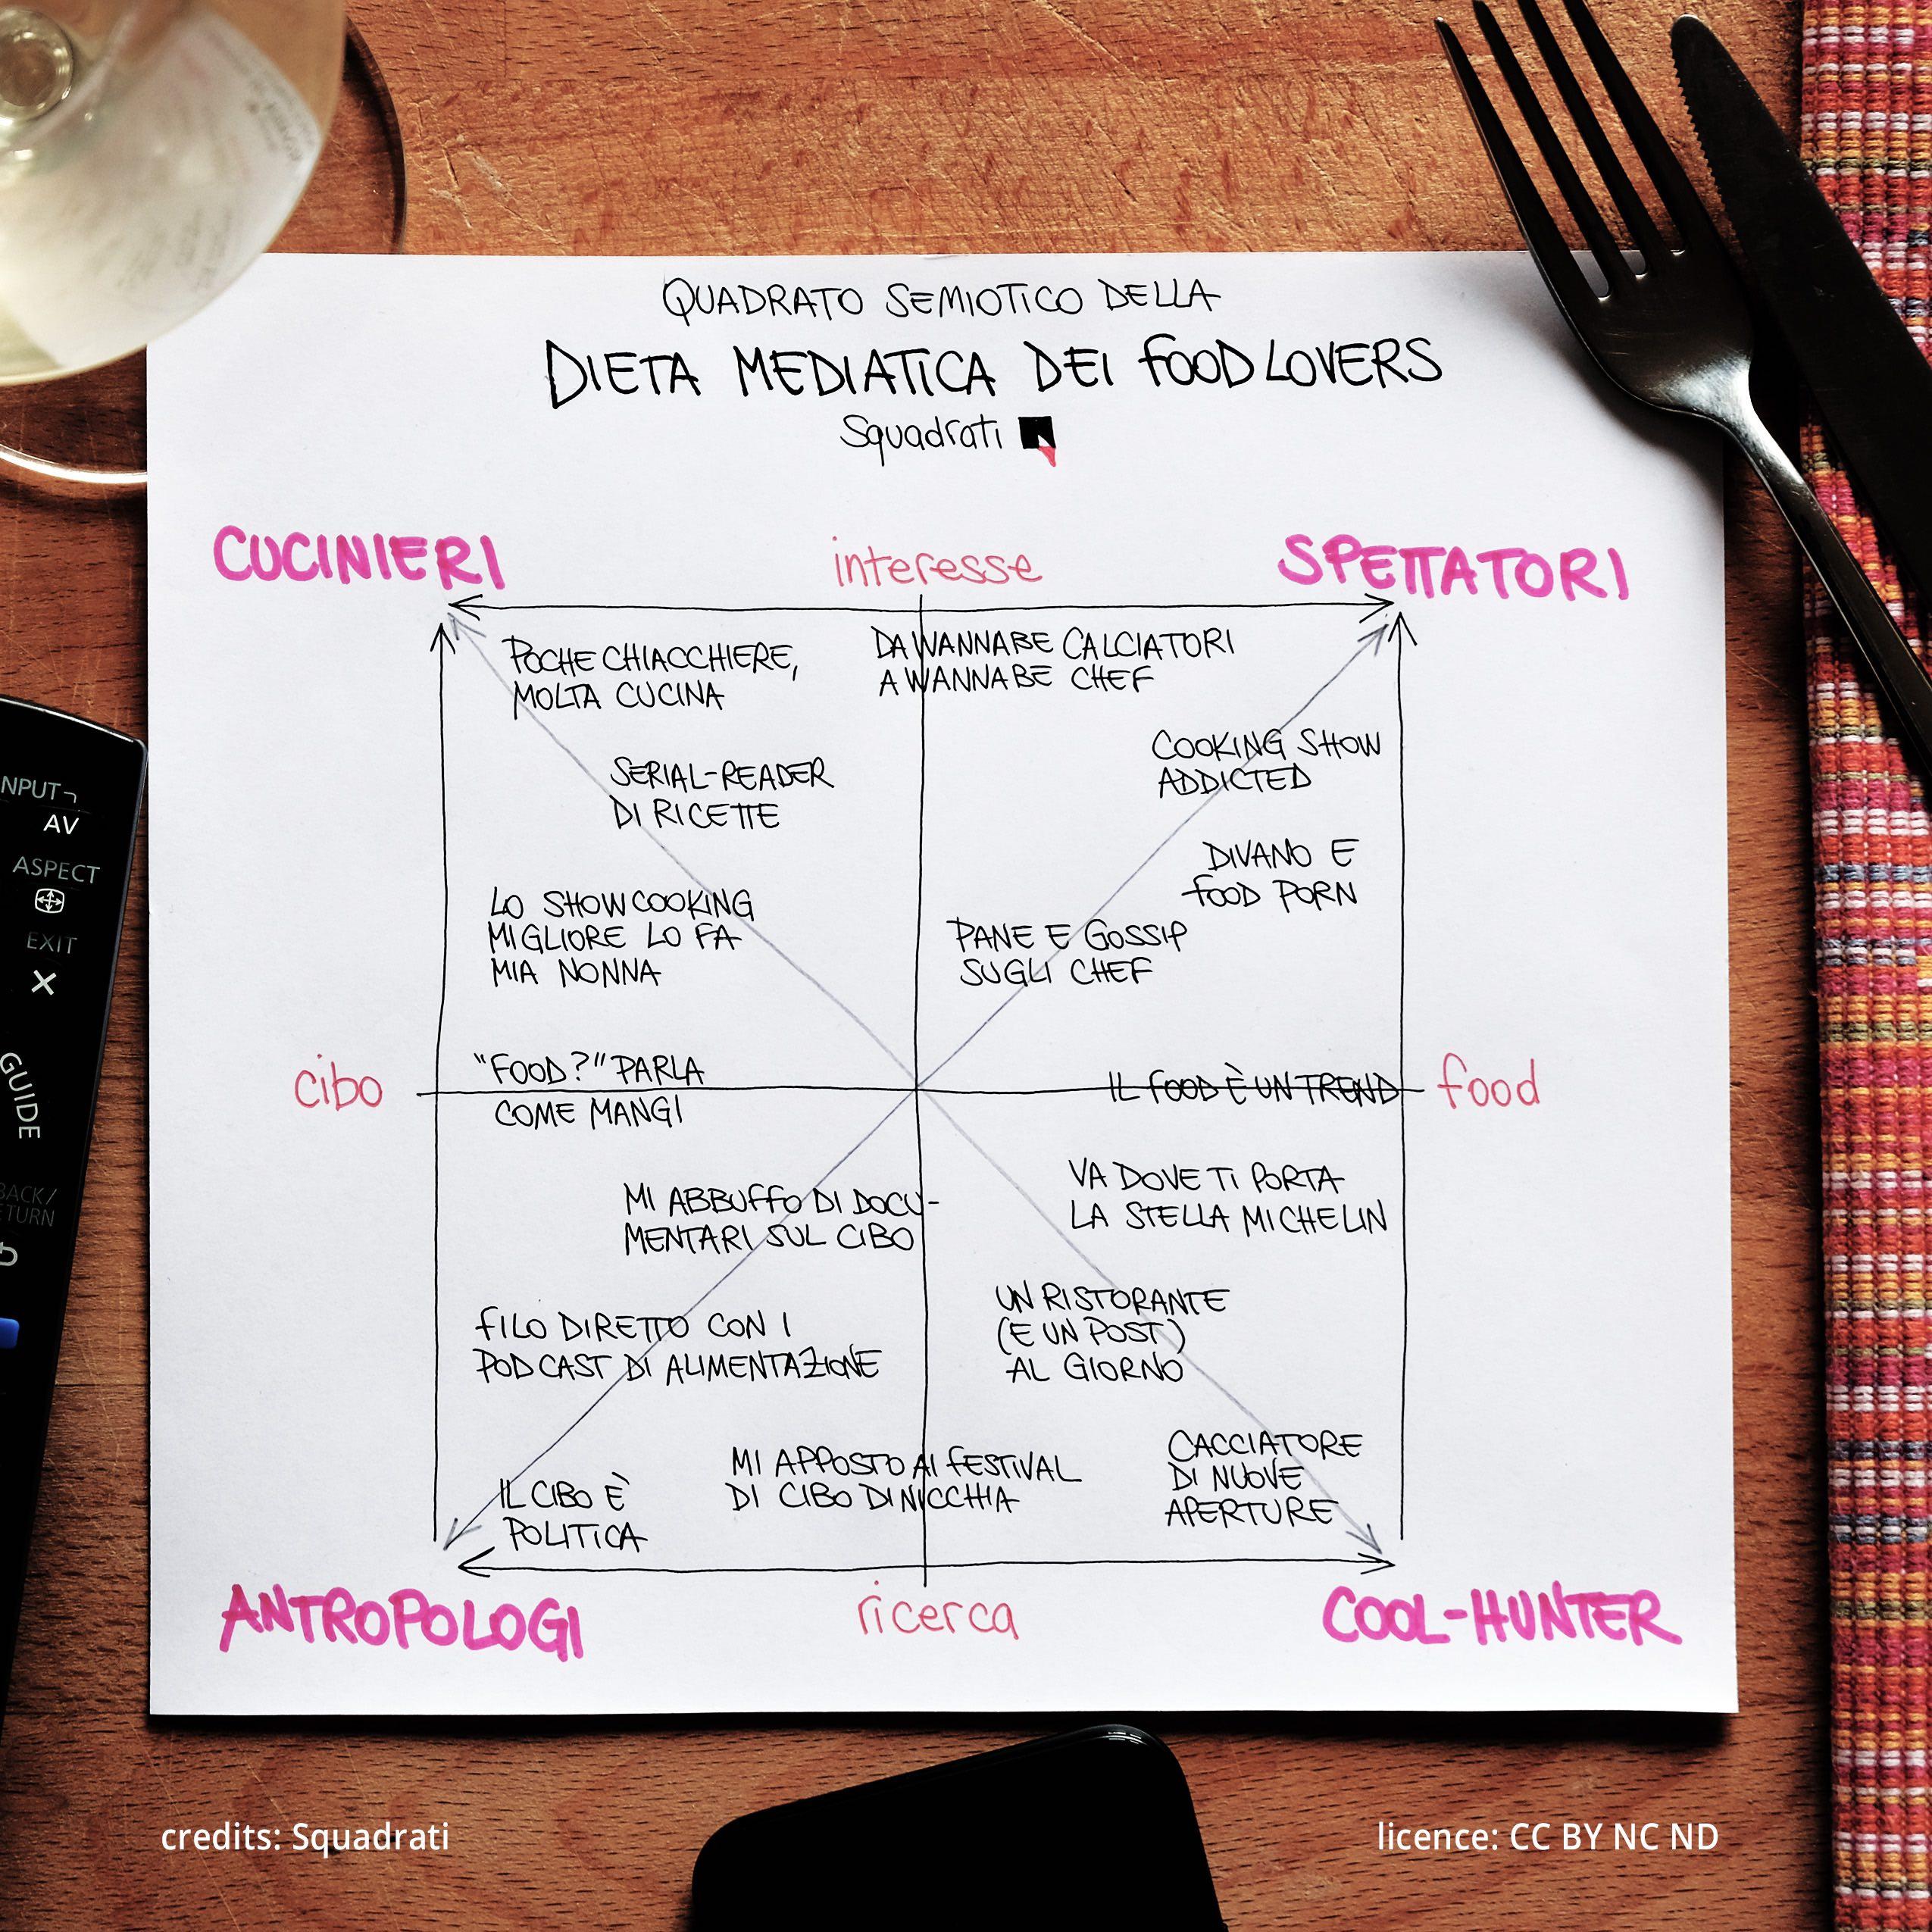 Quadrato semiotico della dieta mediatica dei food lovers